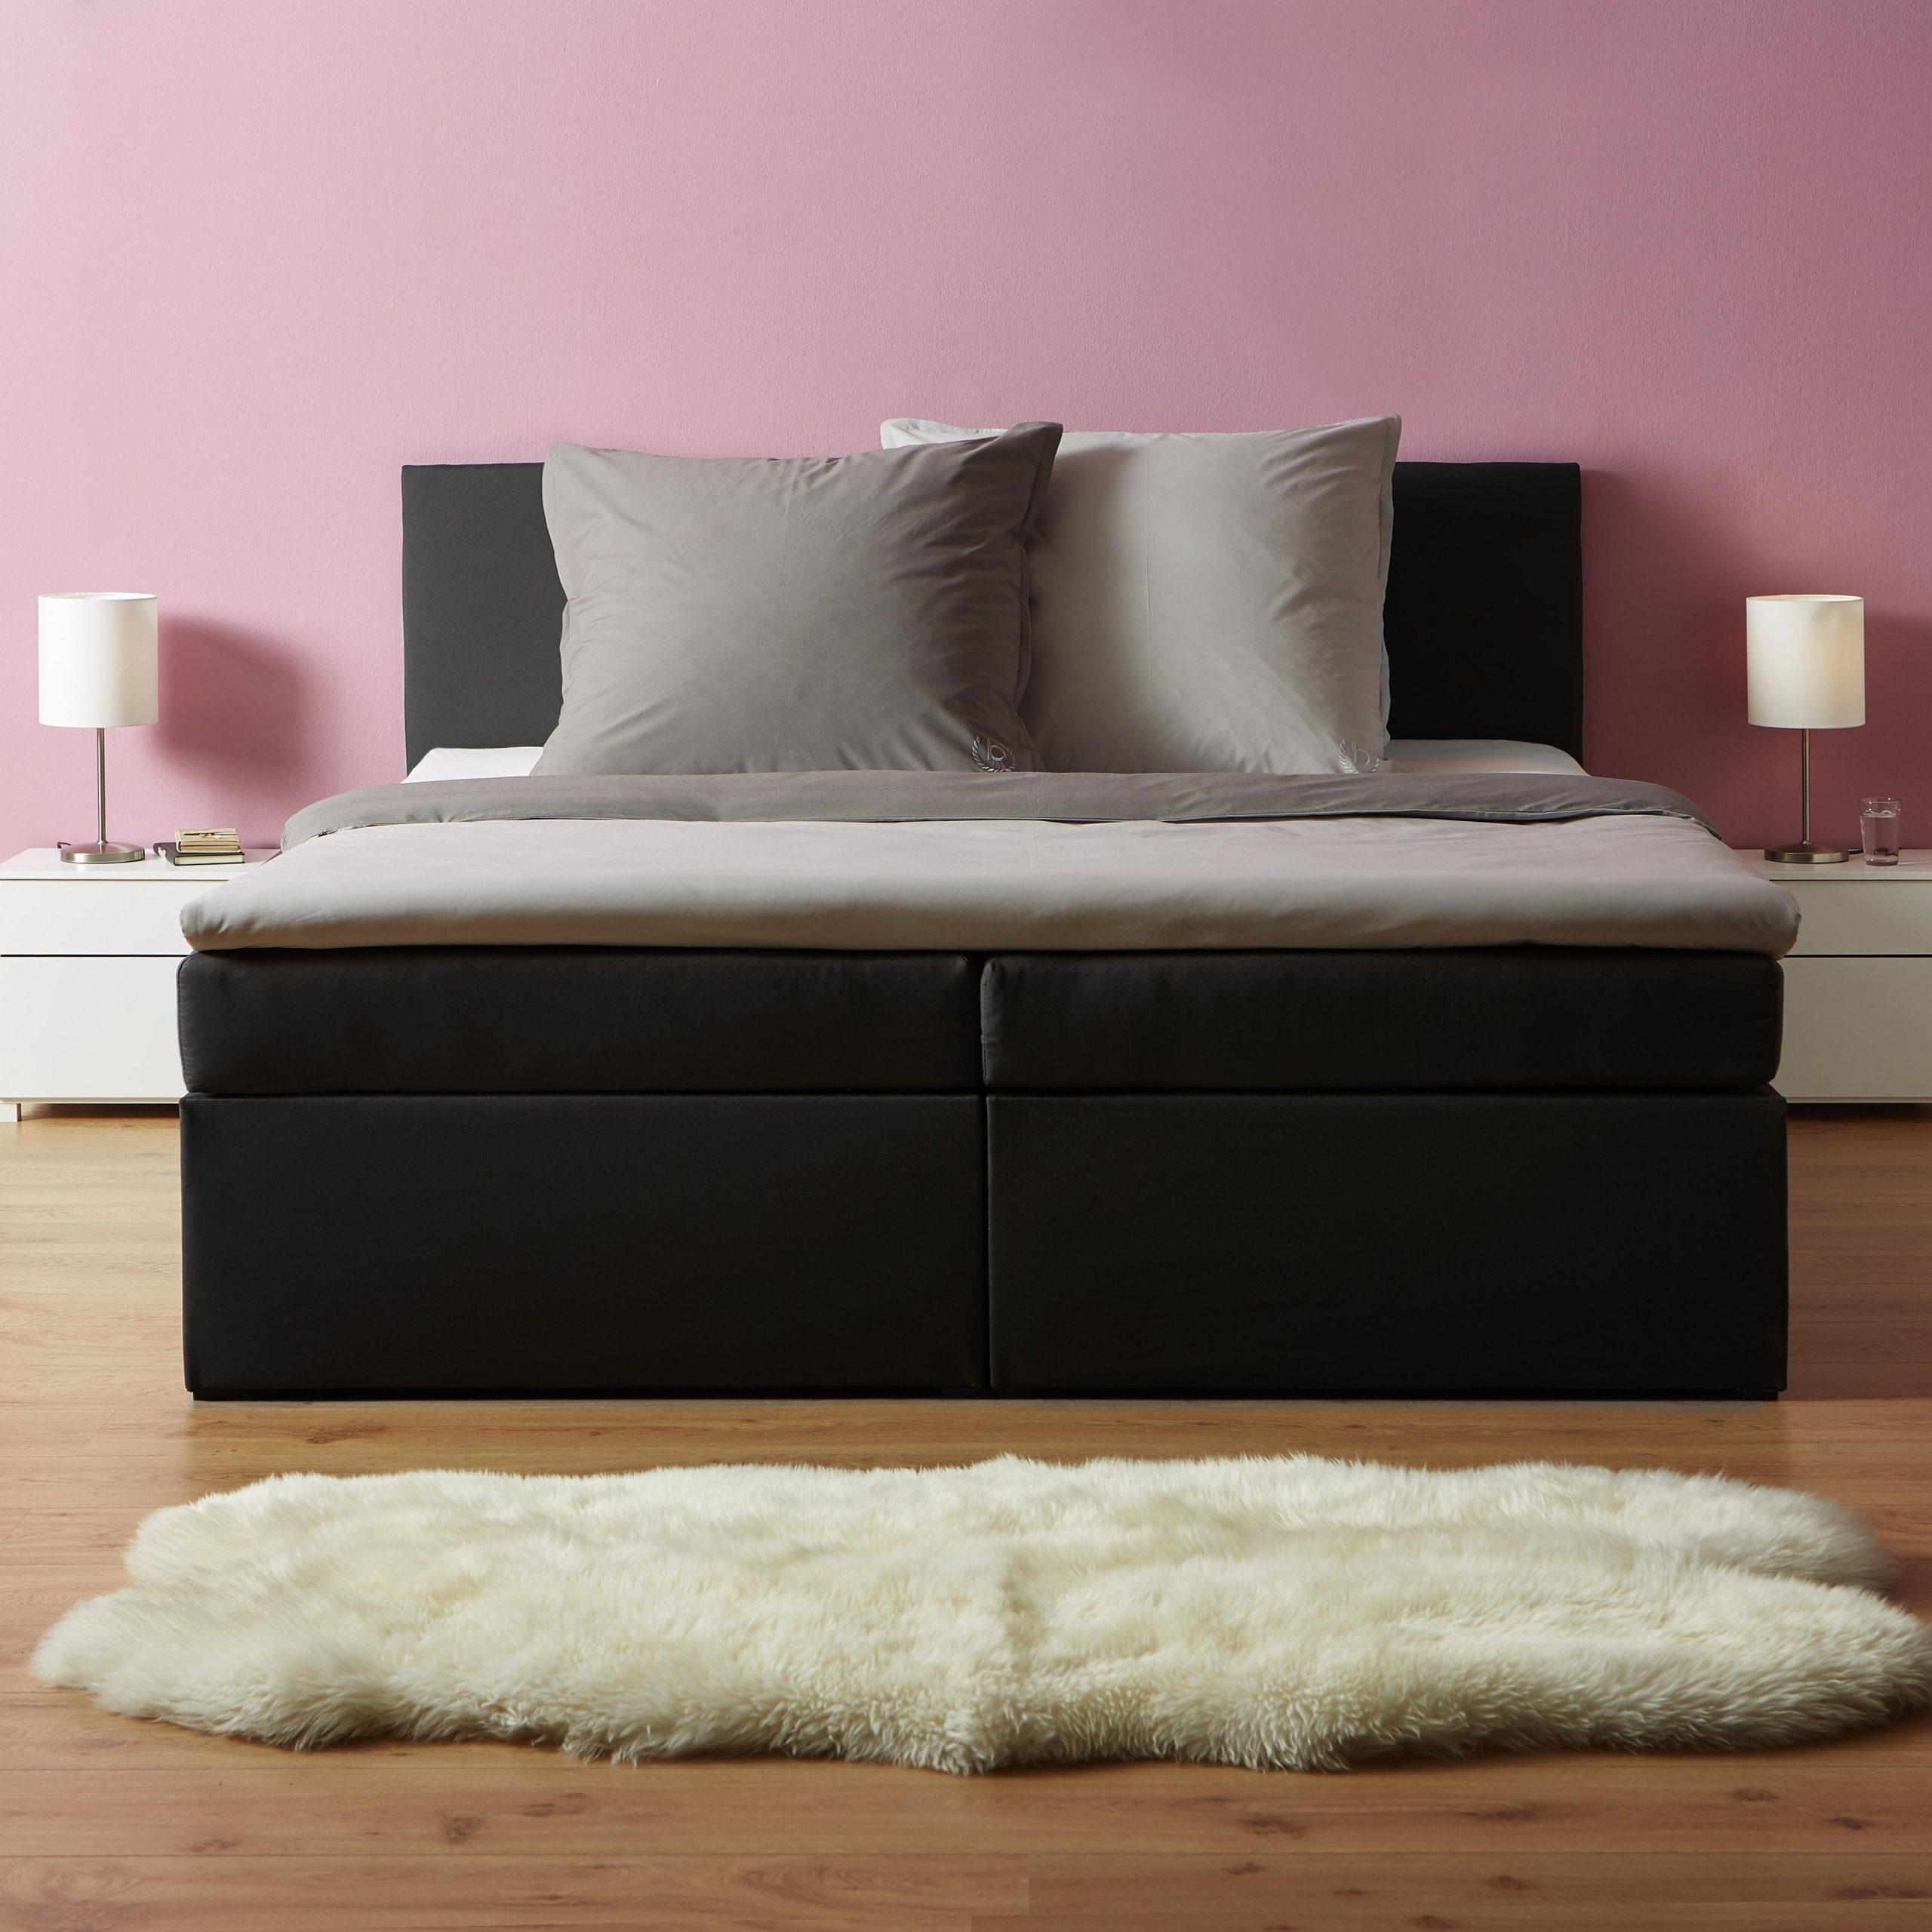 Full Size of Betten Entdecken Mmax Bett Mit Matratze Ruf Bei Ikea Amerikanische Schramm Joop 3 Sitzer Sofa Relaxfunktion Ausziehbett Amazon 180x200 Regal Rollen 90x200 Bett Bett 120x200 Mit Matratze Und Lattenrost